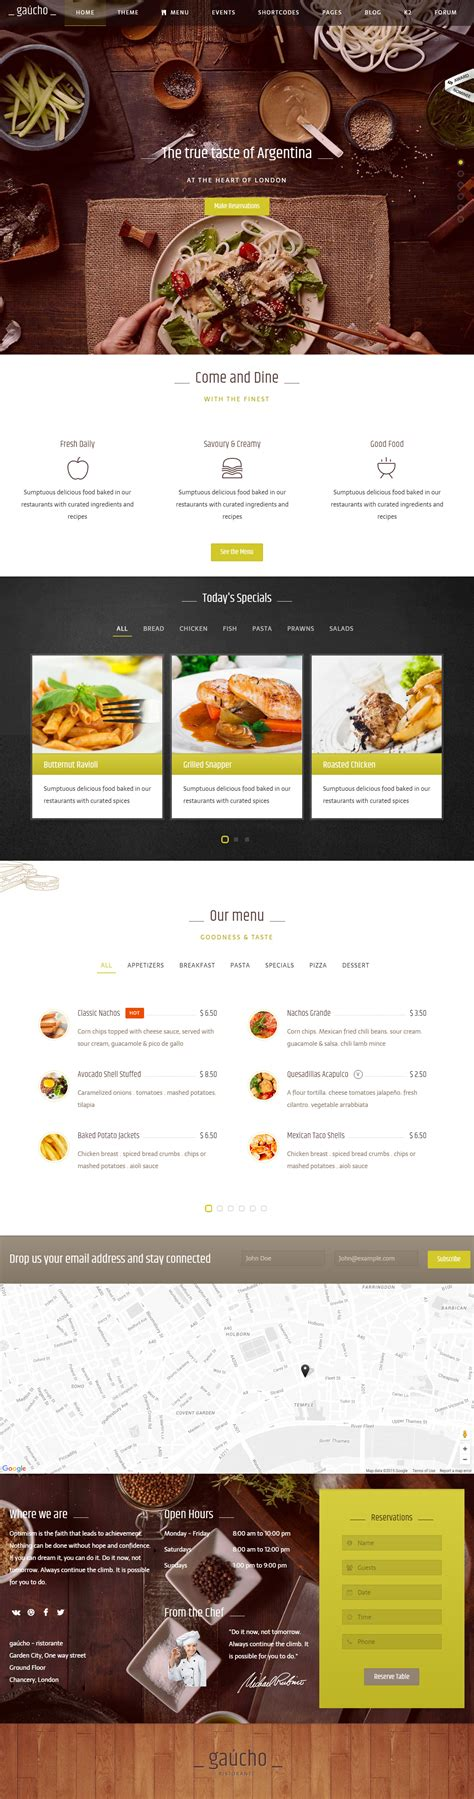 joomla responsive templates 5 best responsive joomla food template 2017 responsive